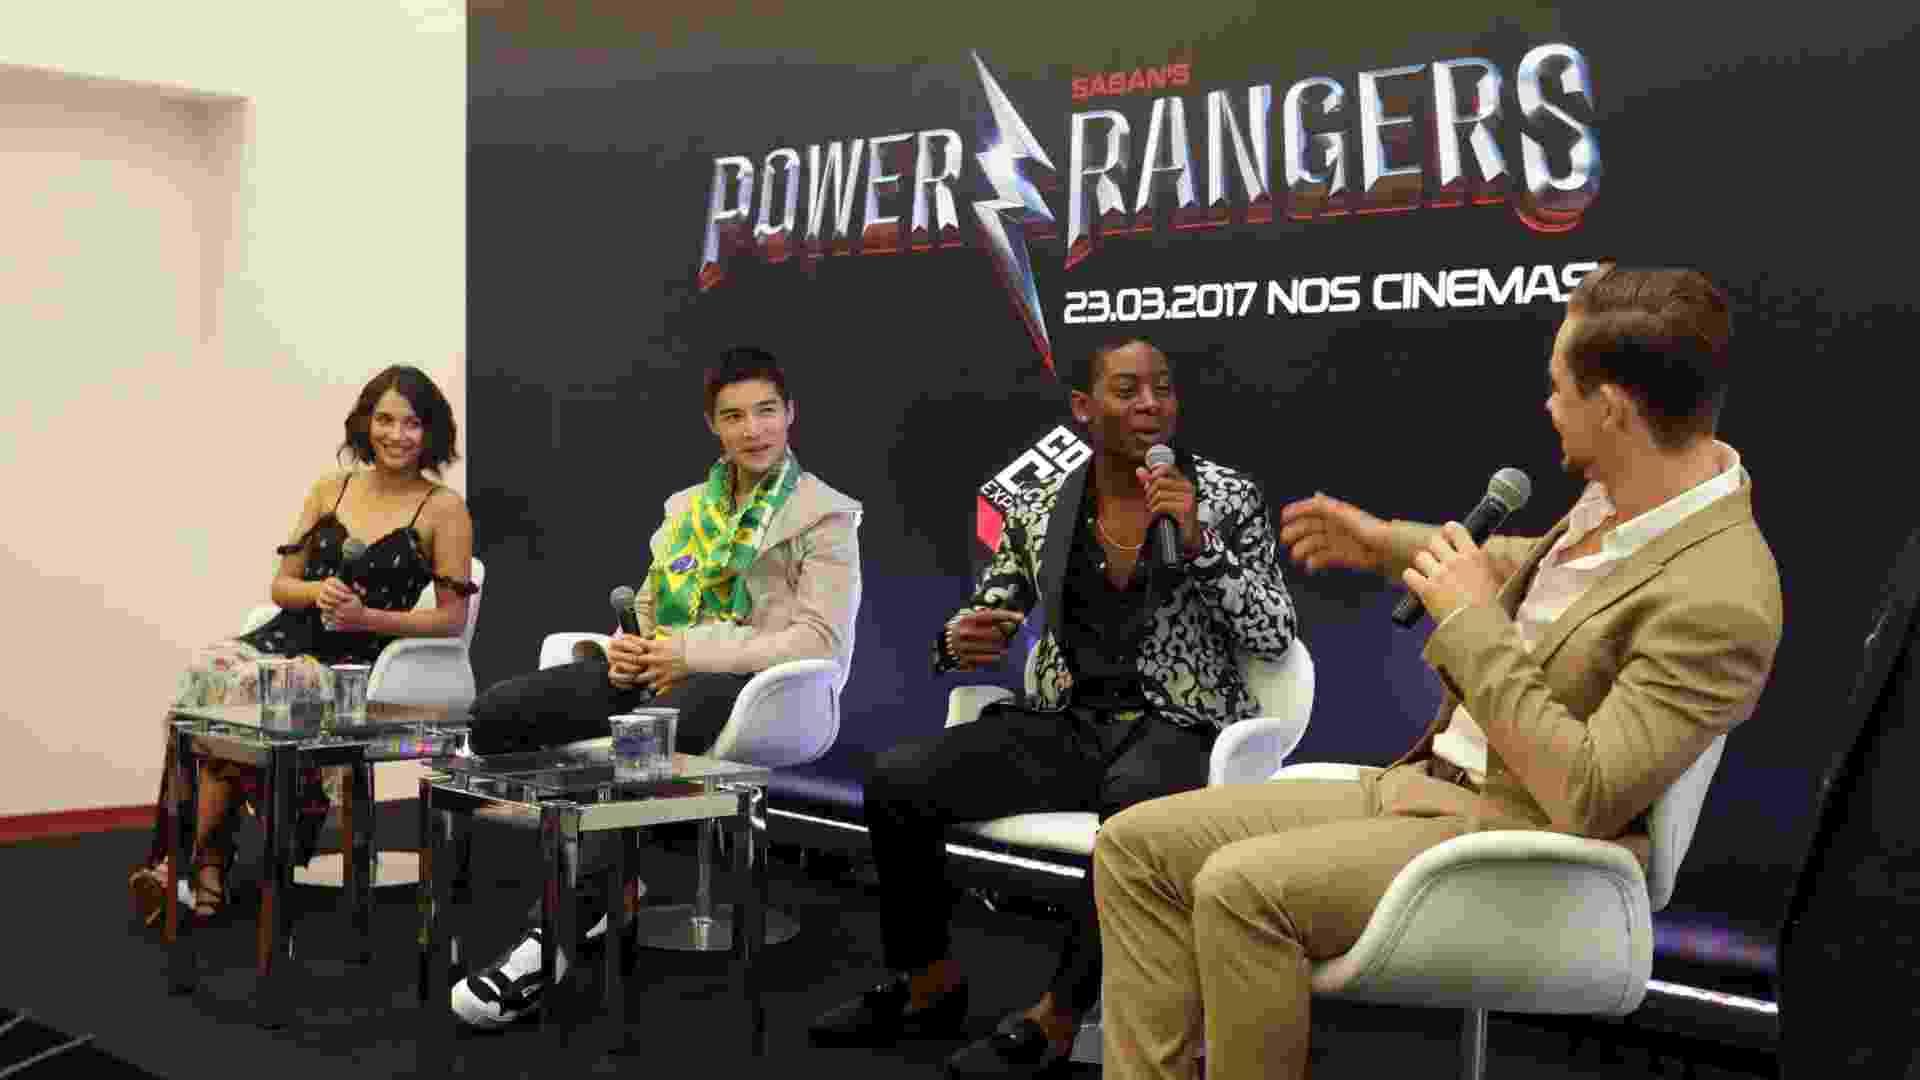 3.dez.2016 - Protagonistas do novo filme dos Power Rangers Naomi Scott (Ranger Rosa), Ludi Lin (Ranger Preto), Dacre Montgomery (Ranger Vermelho) e RJ Cyler (Ranger Azul) durante painel na Comic Con na manhã de sábado - Ricardo Matsukawa/UOL